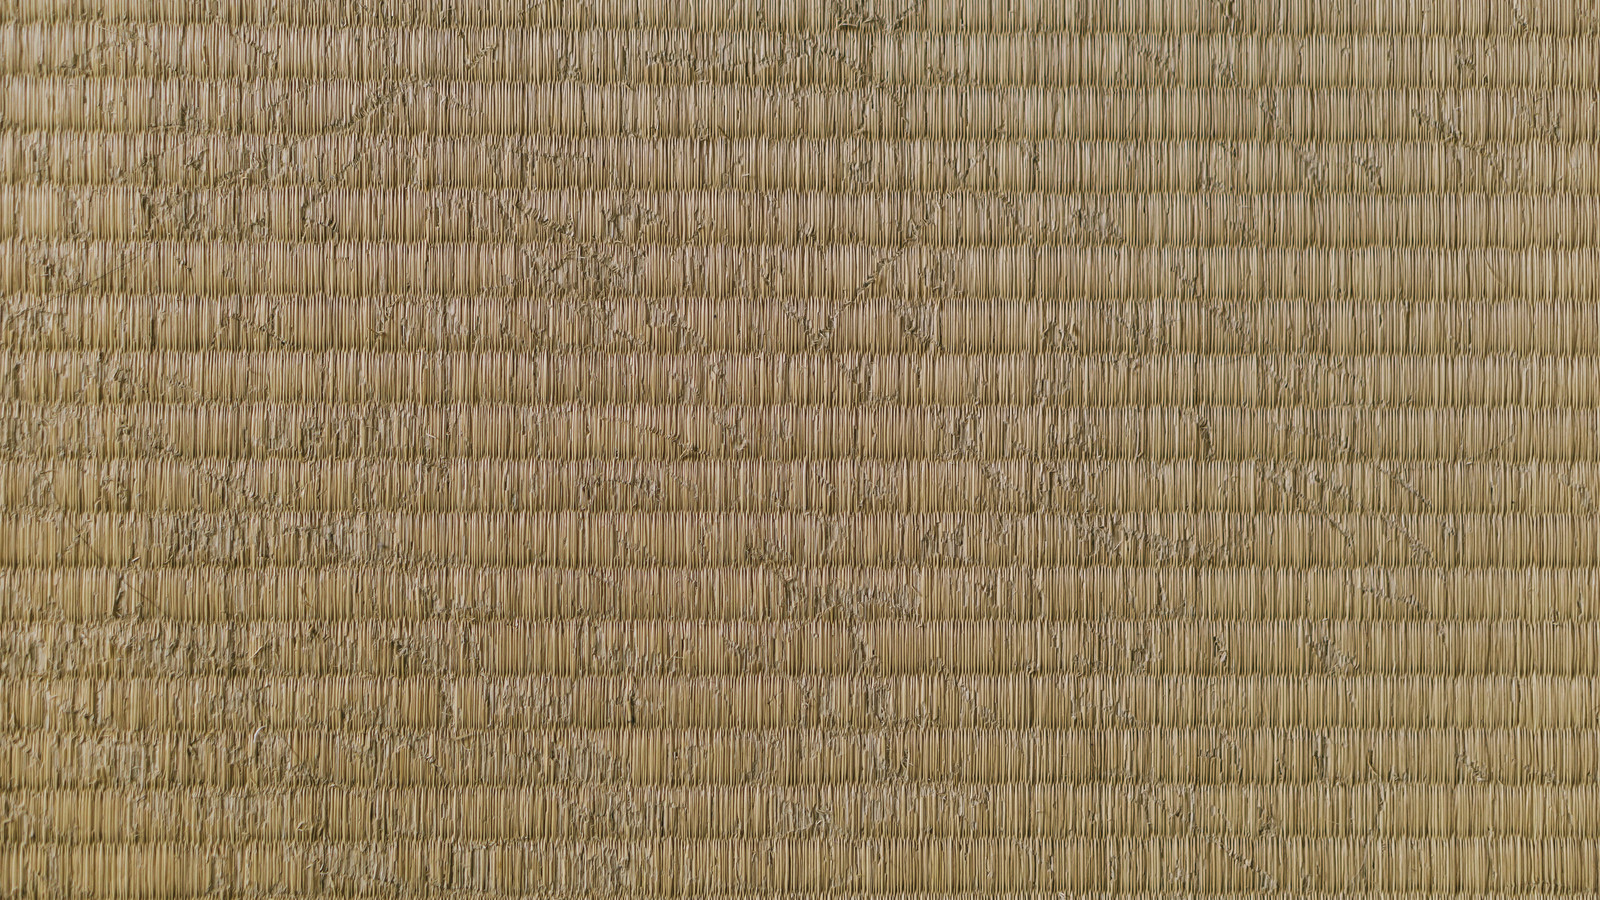 「猫に引っ掻かれた畳」の写真